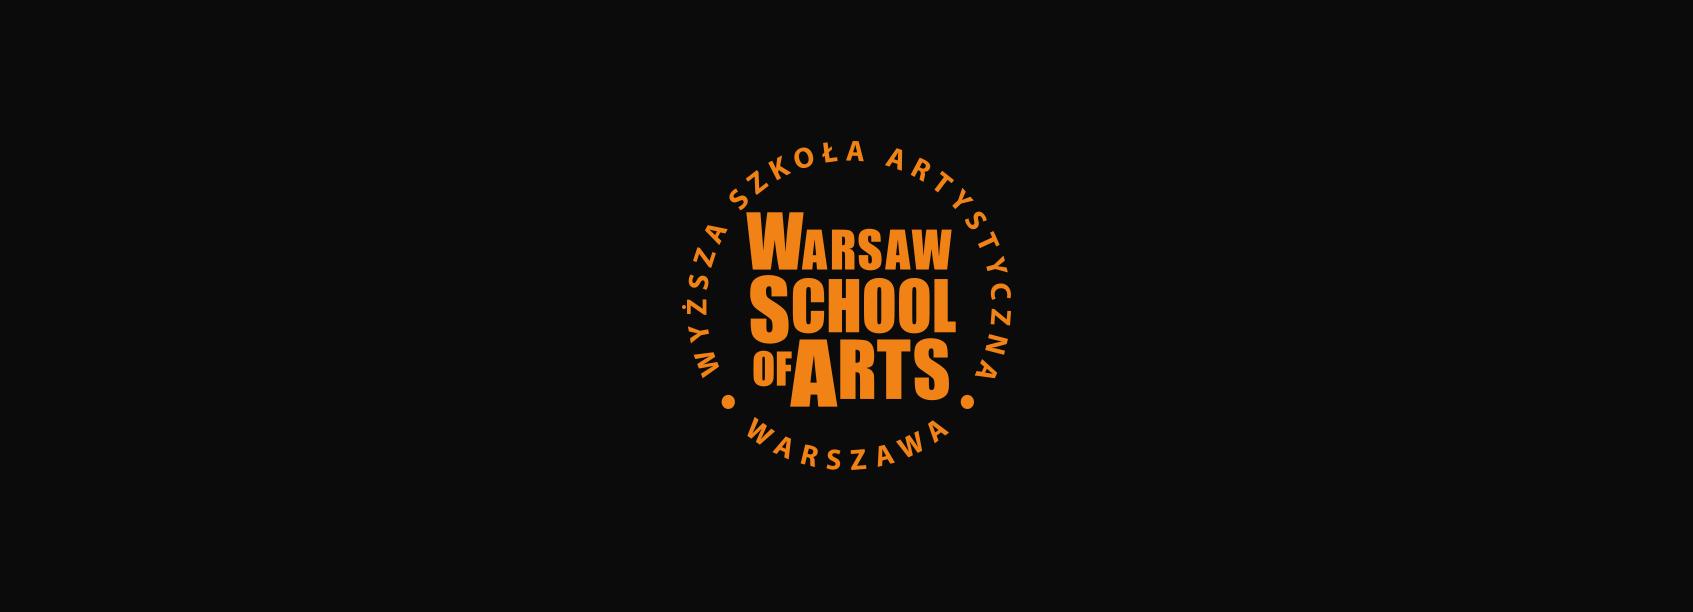 Logo Wyższa Szkoła Artystyczna w Warszawie